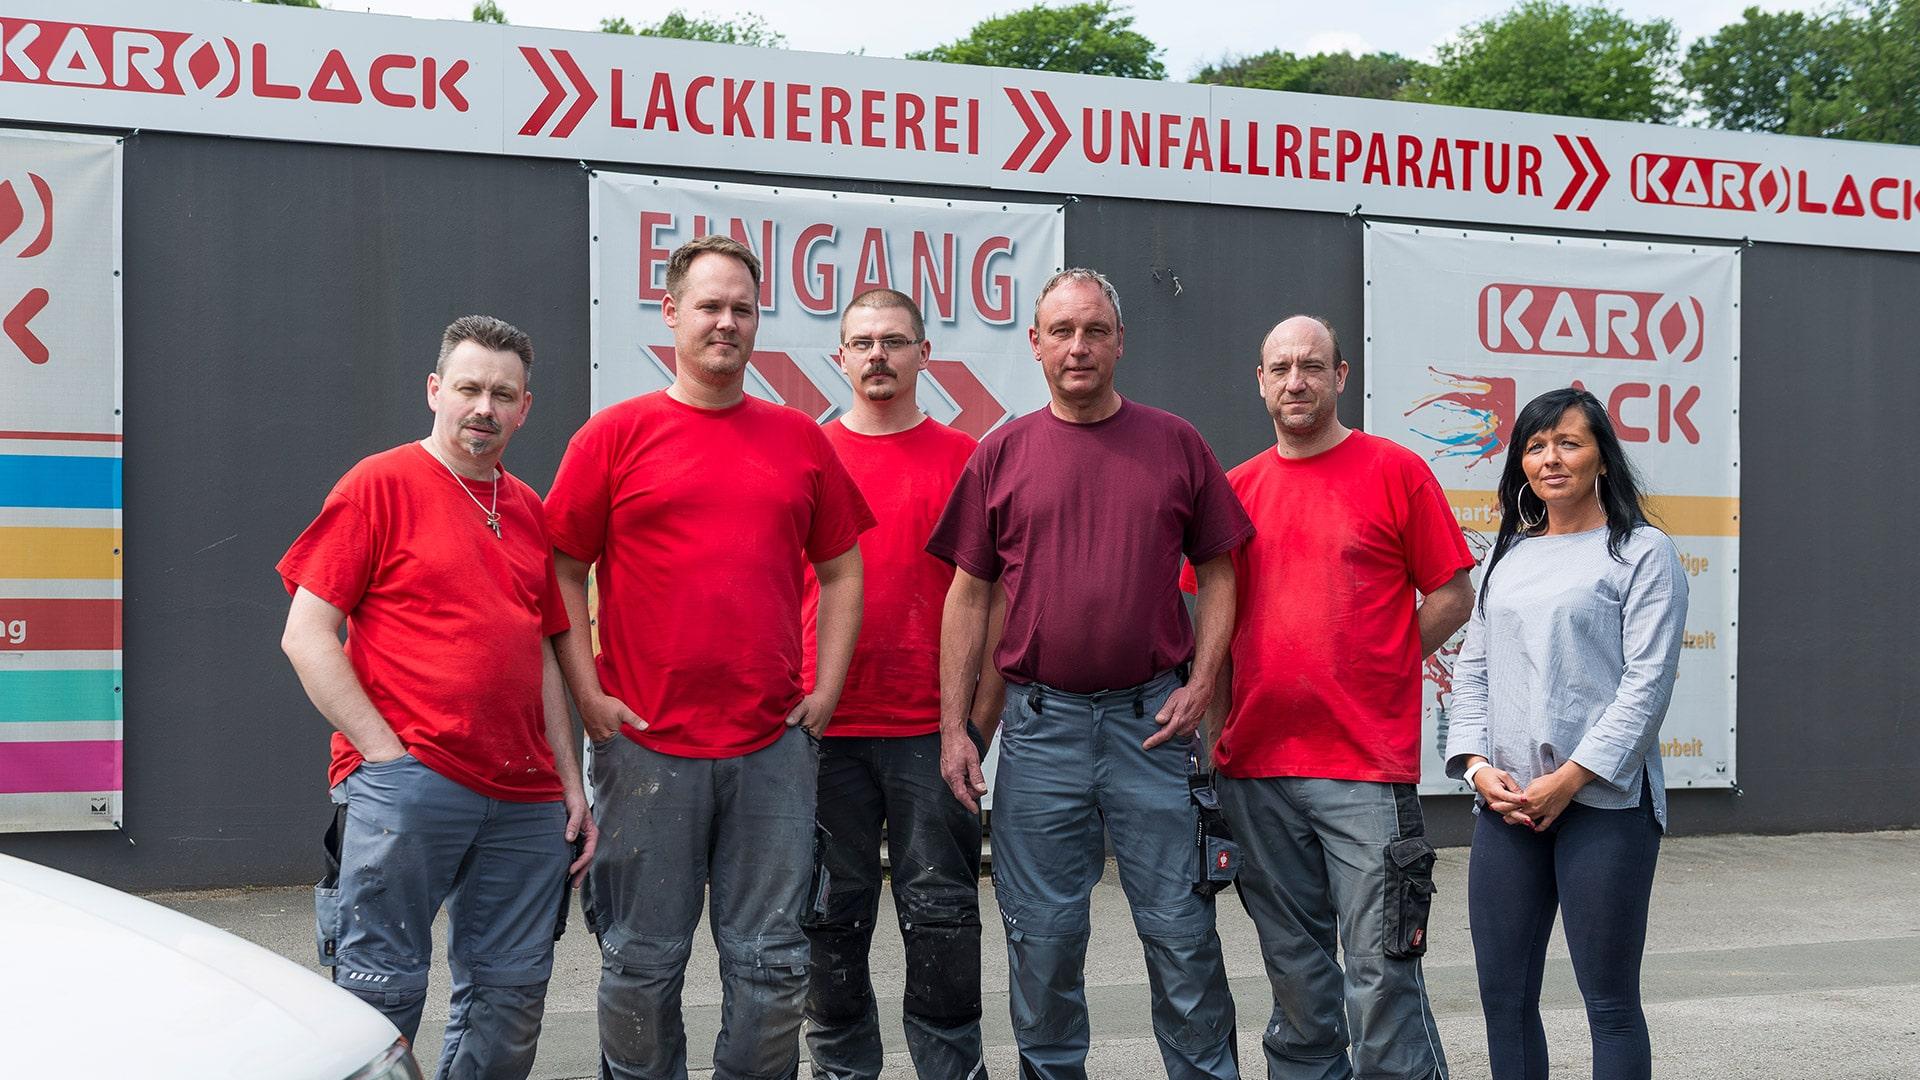 Betrieb Lackiererei in Hattingen